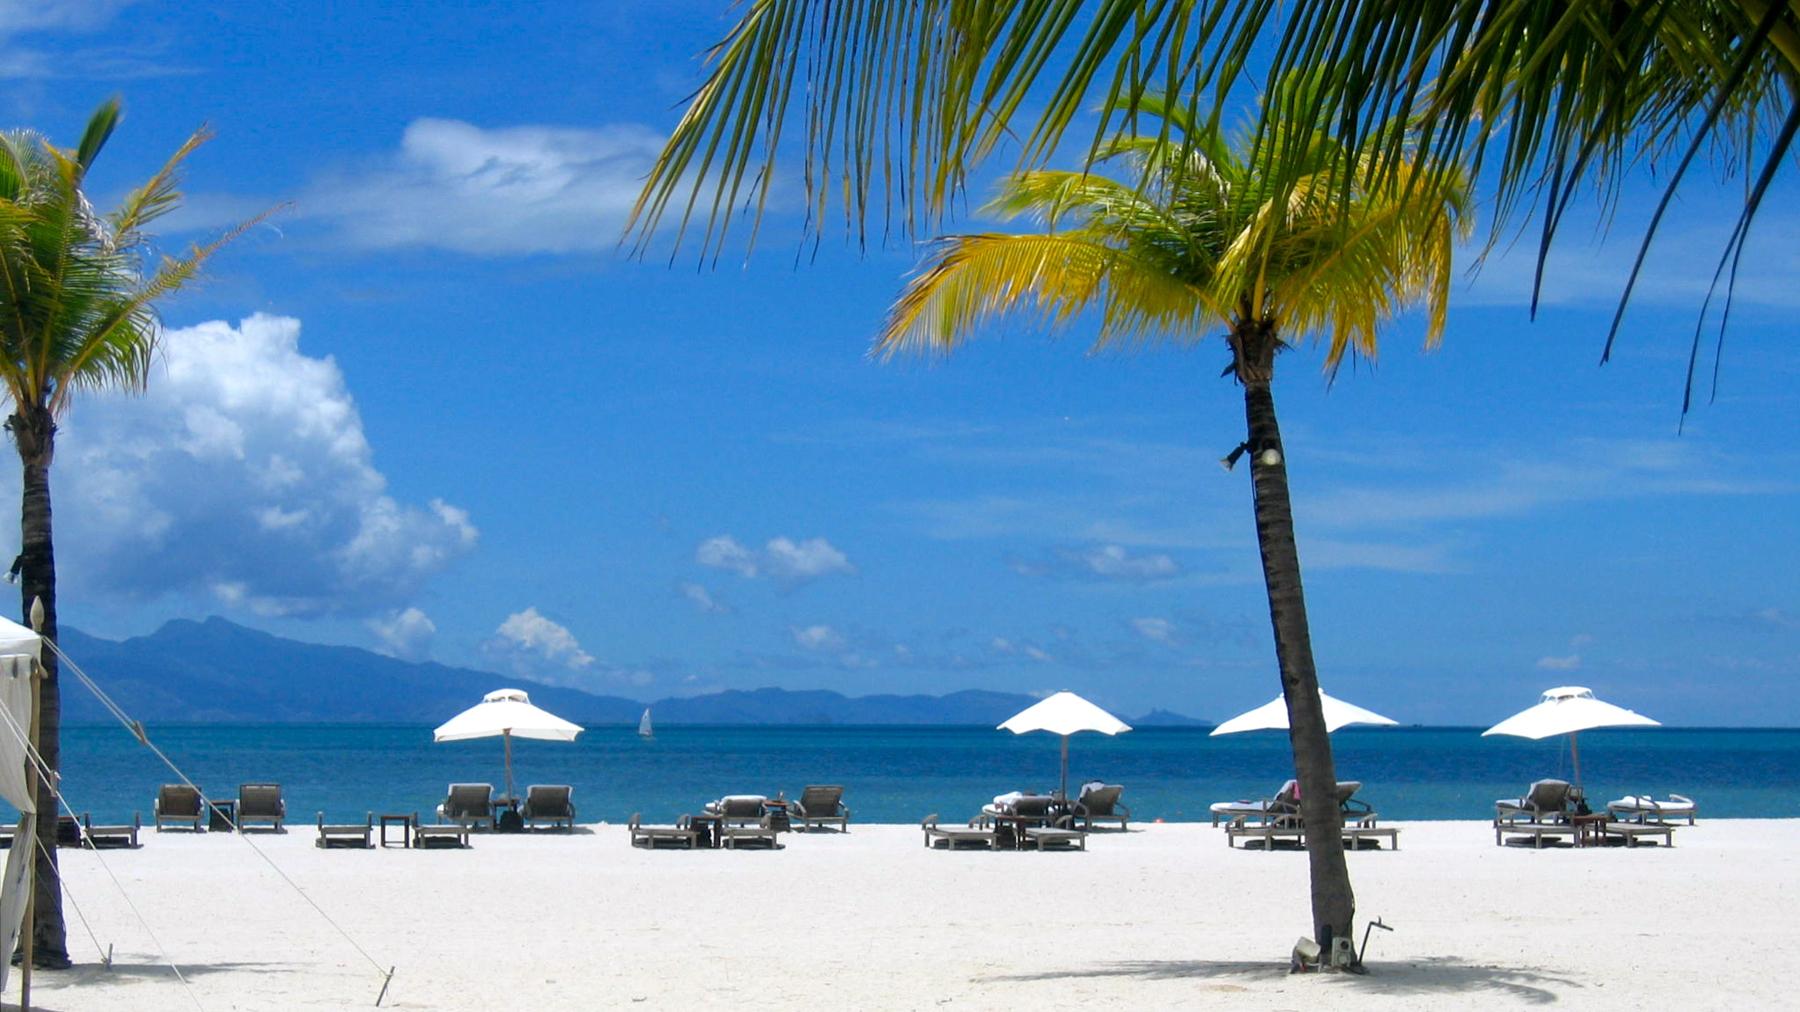 Пляж Лангкави в Малайзии